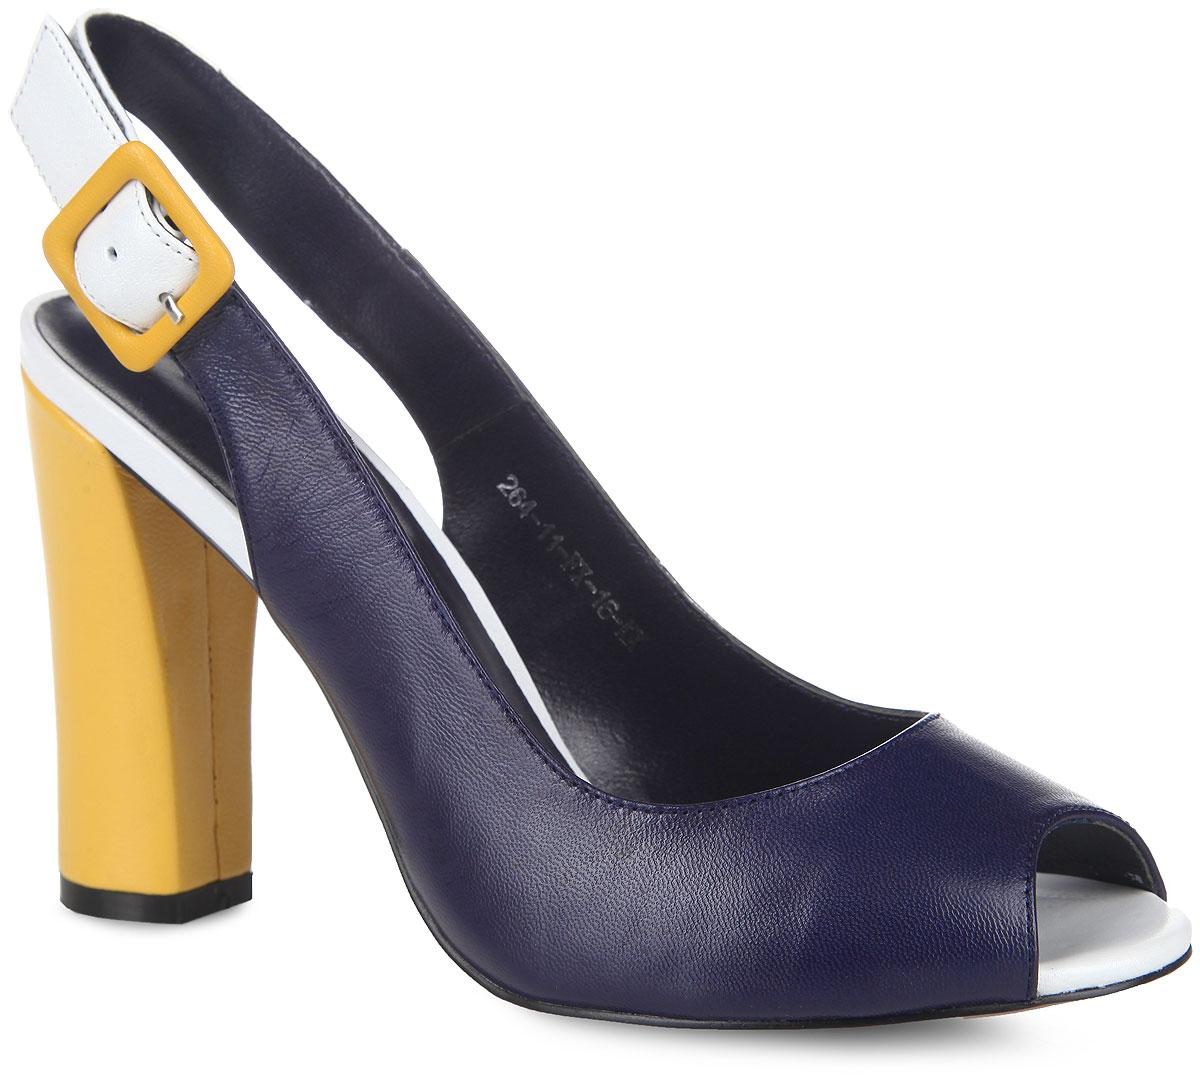 264-11-FX-16-KKСтильные босоножки на каблуке от Calipso станут прекрасным дополнением летнего гардероба. Верх модели выполнен из натуральной кожи контрастных цветов. Внутренняя часть и стелька из натуральной кожи гарантируют комфорт и удобство. Пятка и носок открыты. Ремешок с металлической пряжкой надежно фиксирует изделие на ноге. Высокий каблук устойчив. Подошва из тунита. Такие босоножки сделают вас ярче и подчеркнут вашу индивидуальность!